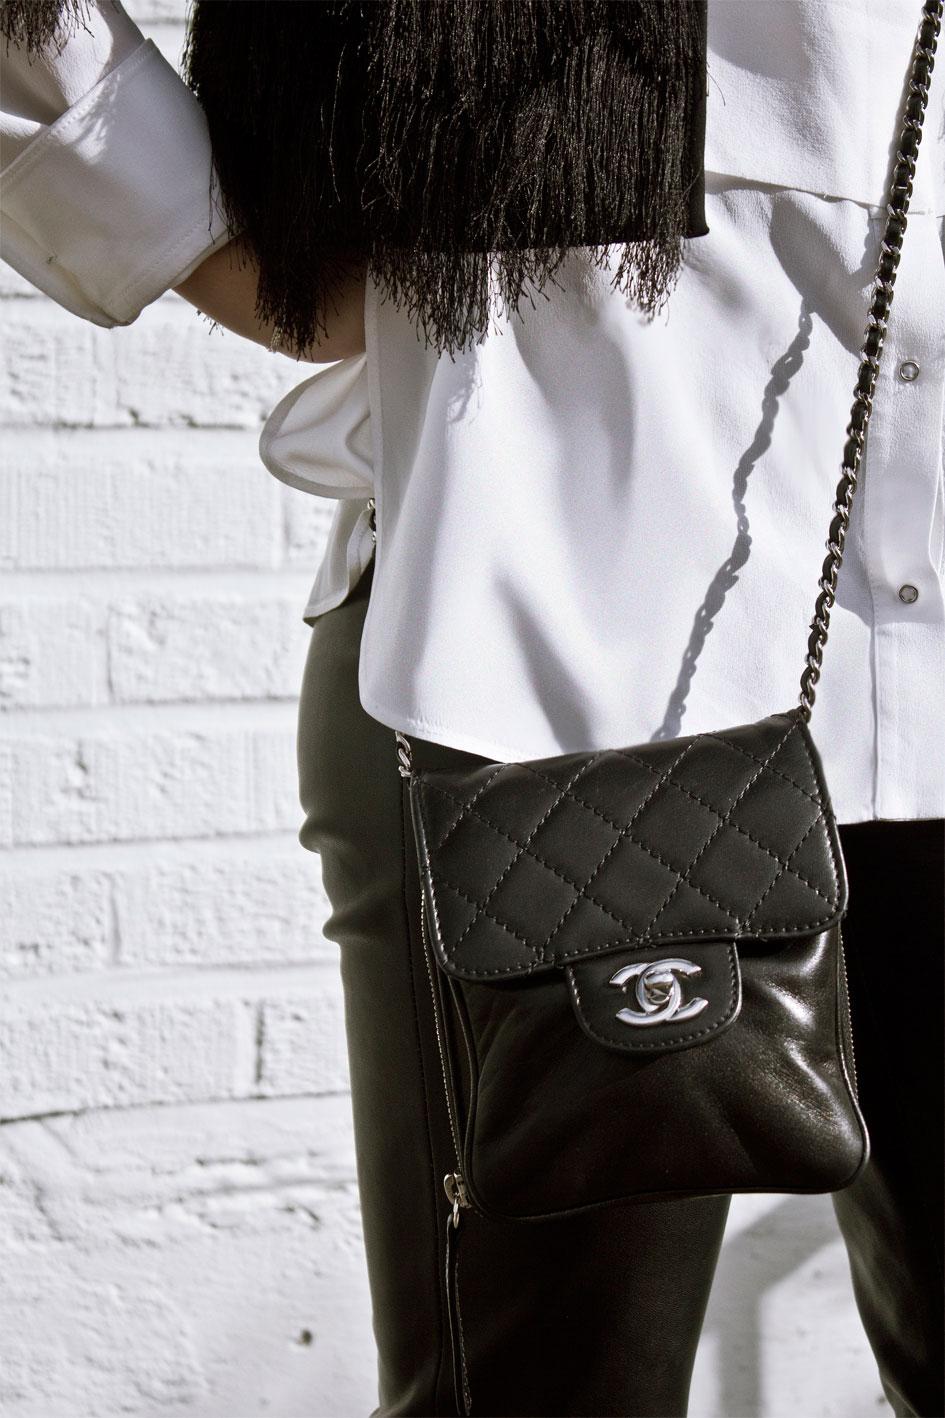 Chanel Black Lambskin Quilted Shoulder Handbag